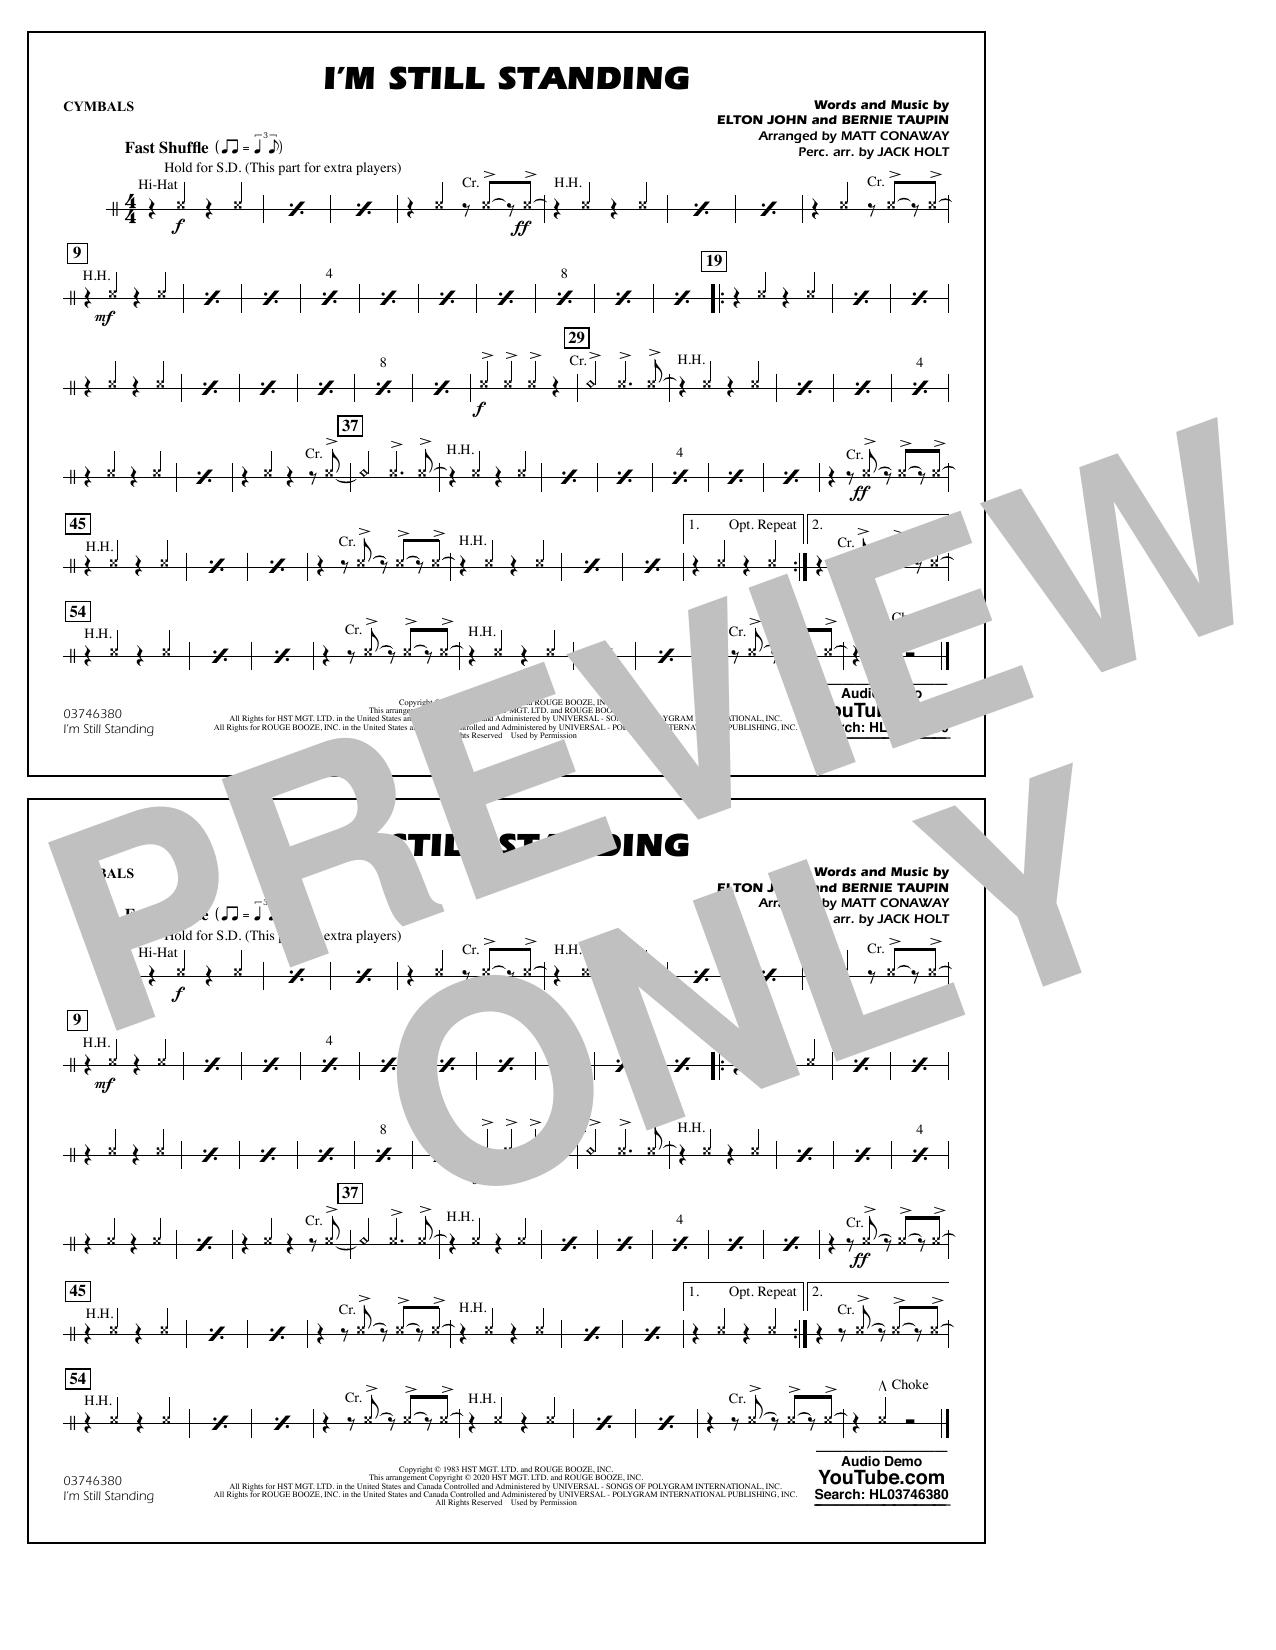 I'm Still Standing (arr. Matt Conaway and Jack Holt) - Cymbals Sheet Music